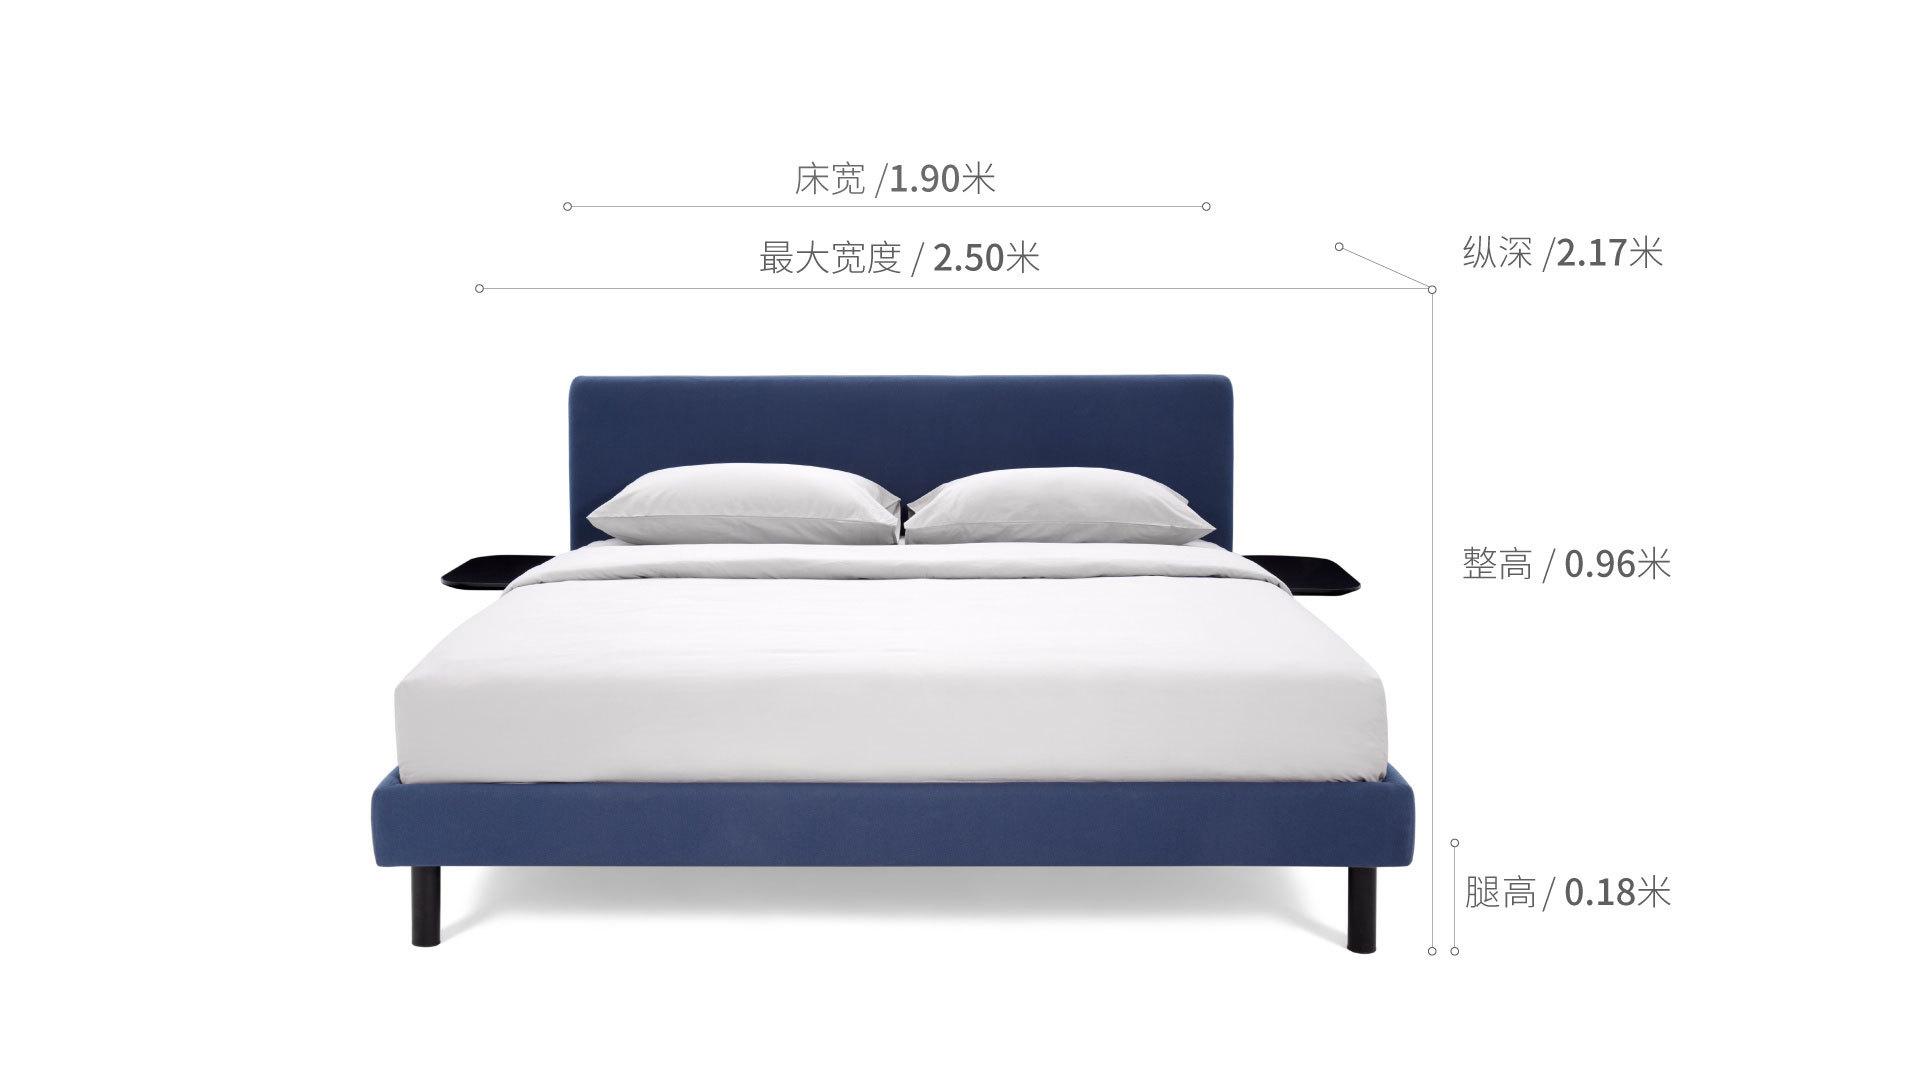 云帛床®1.8米款床·床具效果图